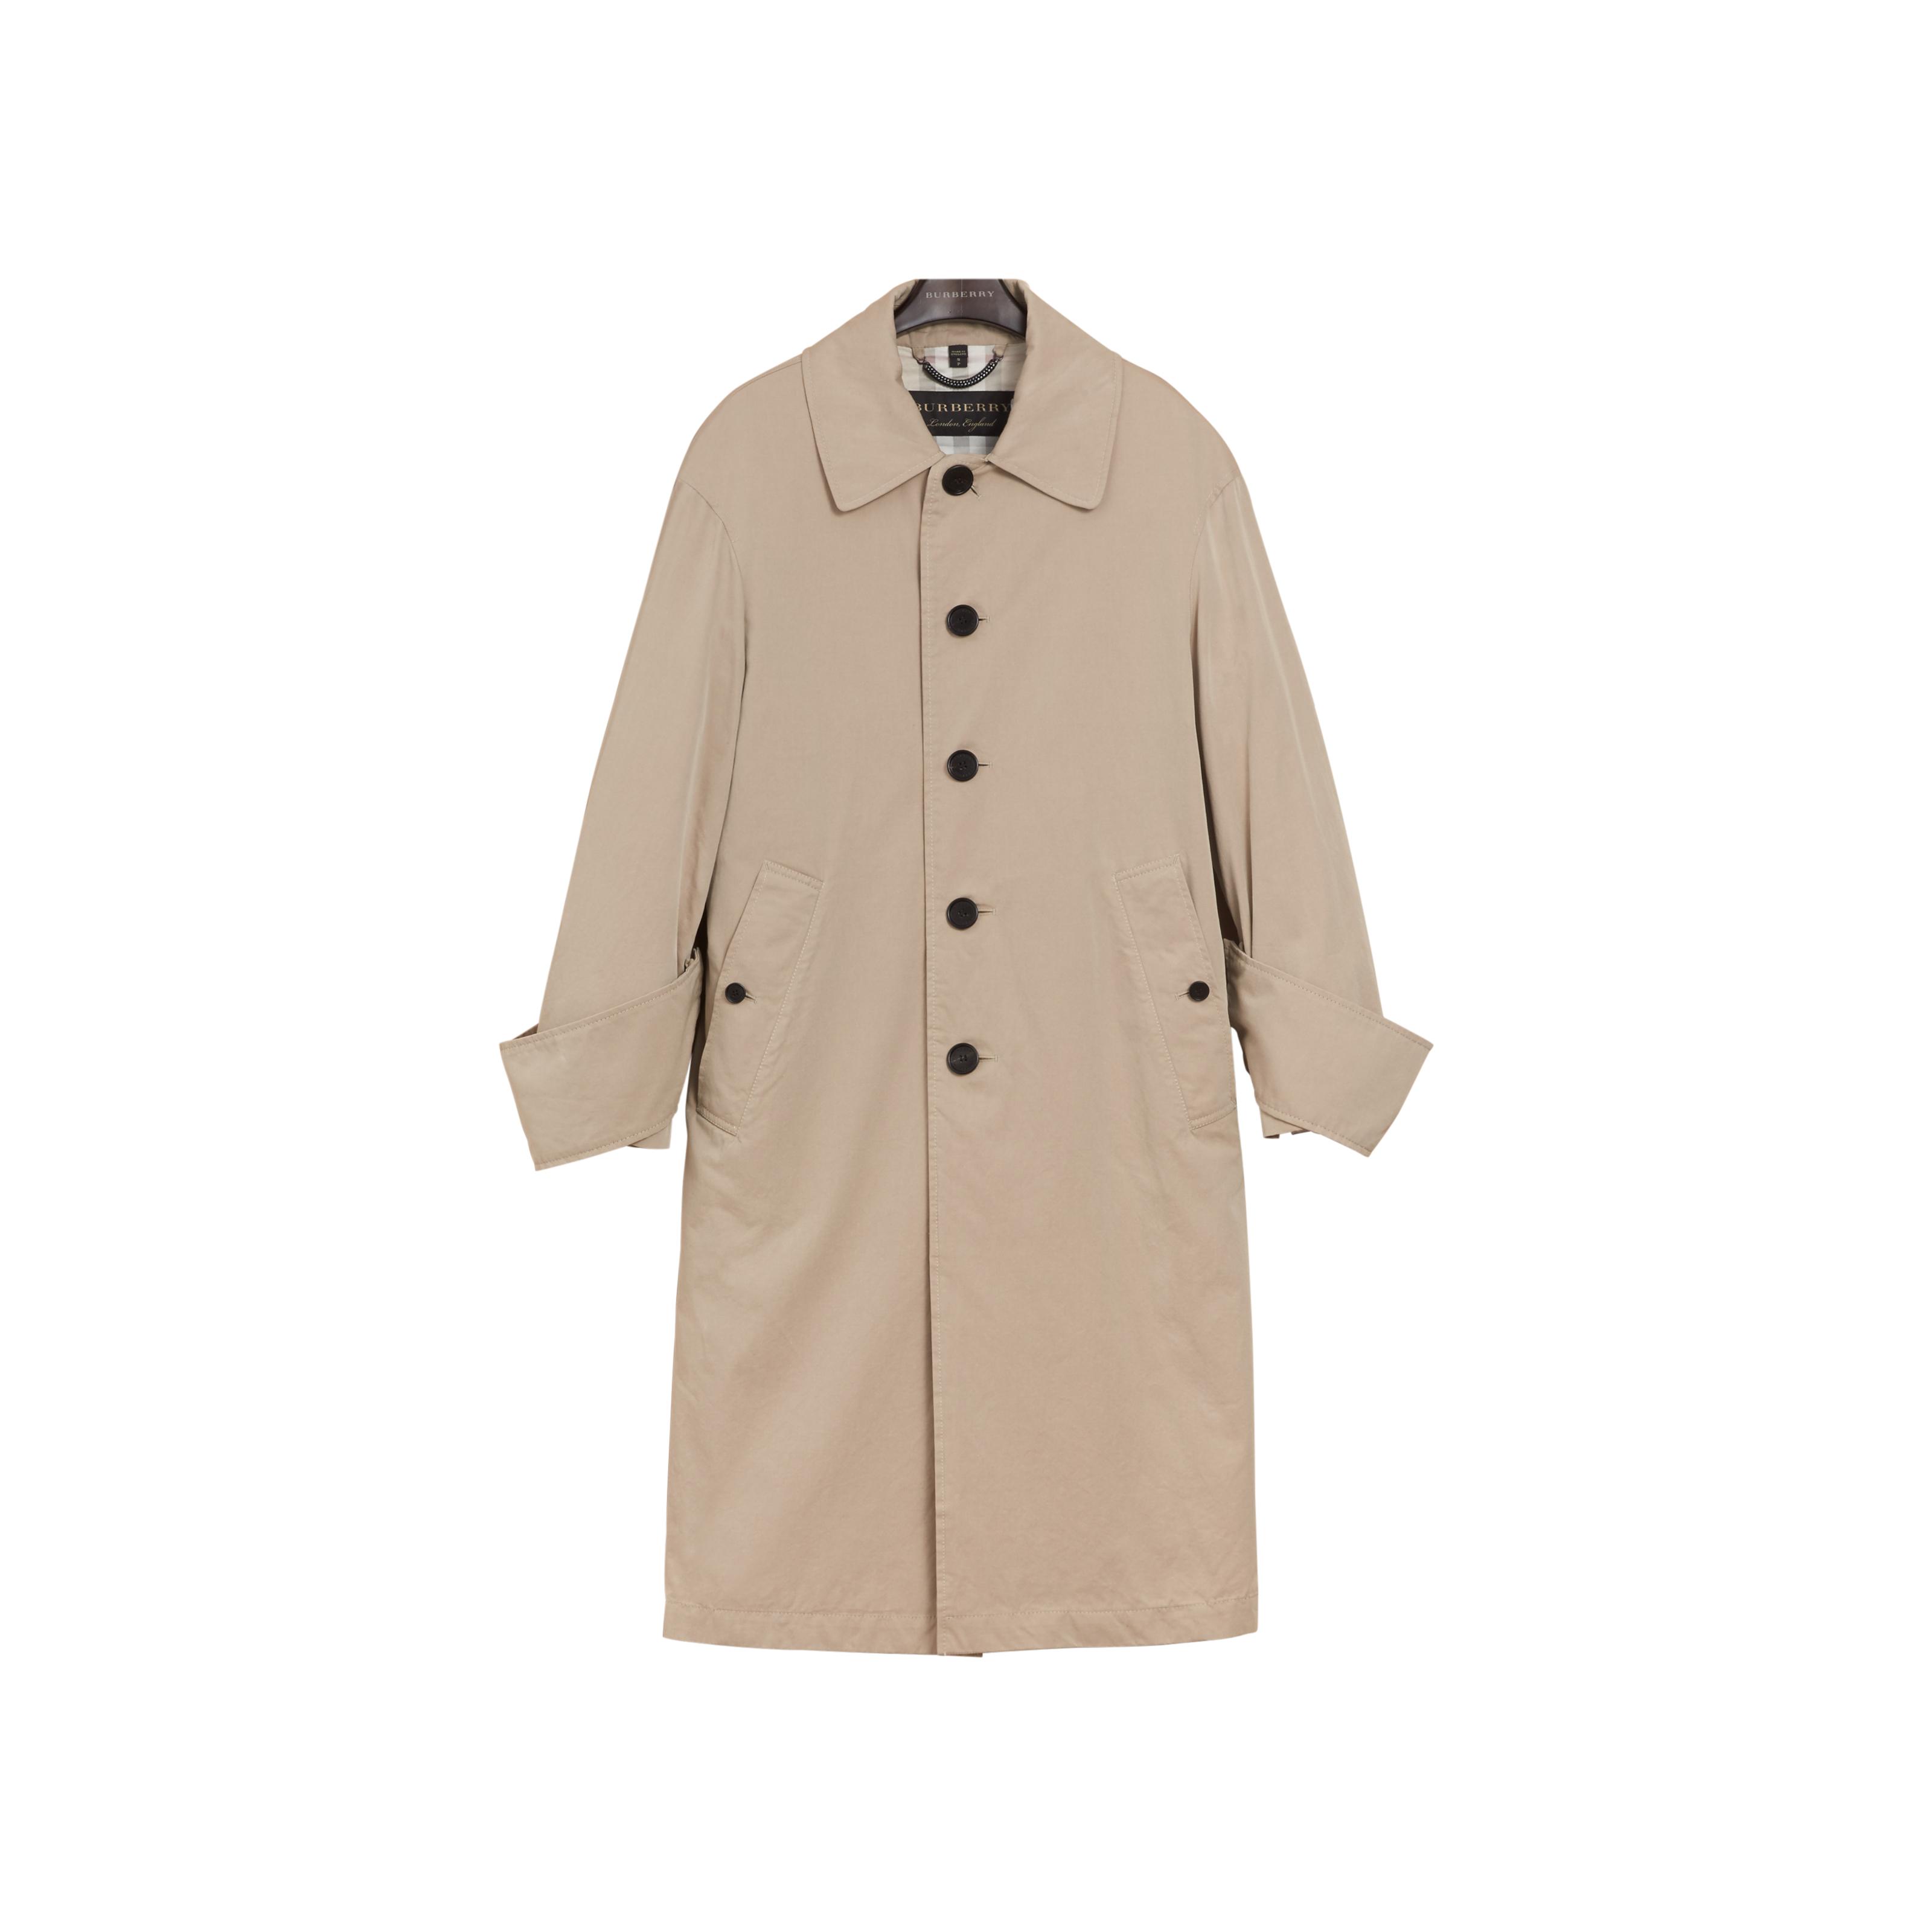 클래식한 디자인의 트렌치 코트는 2백만원대로 Burberry 제품.